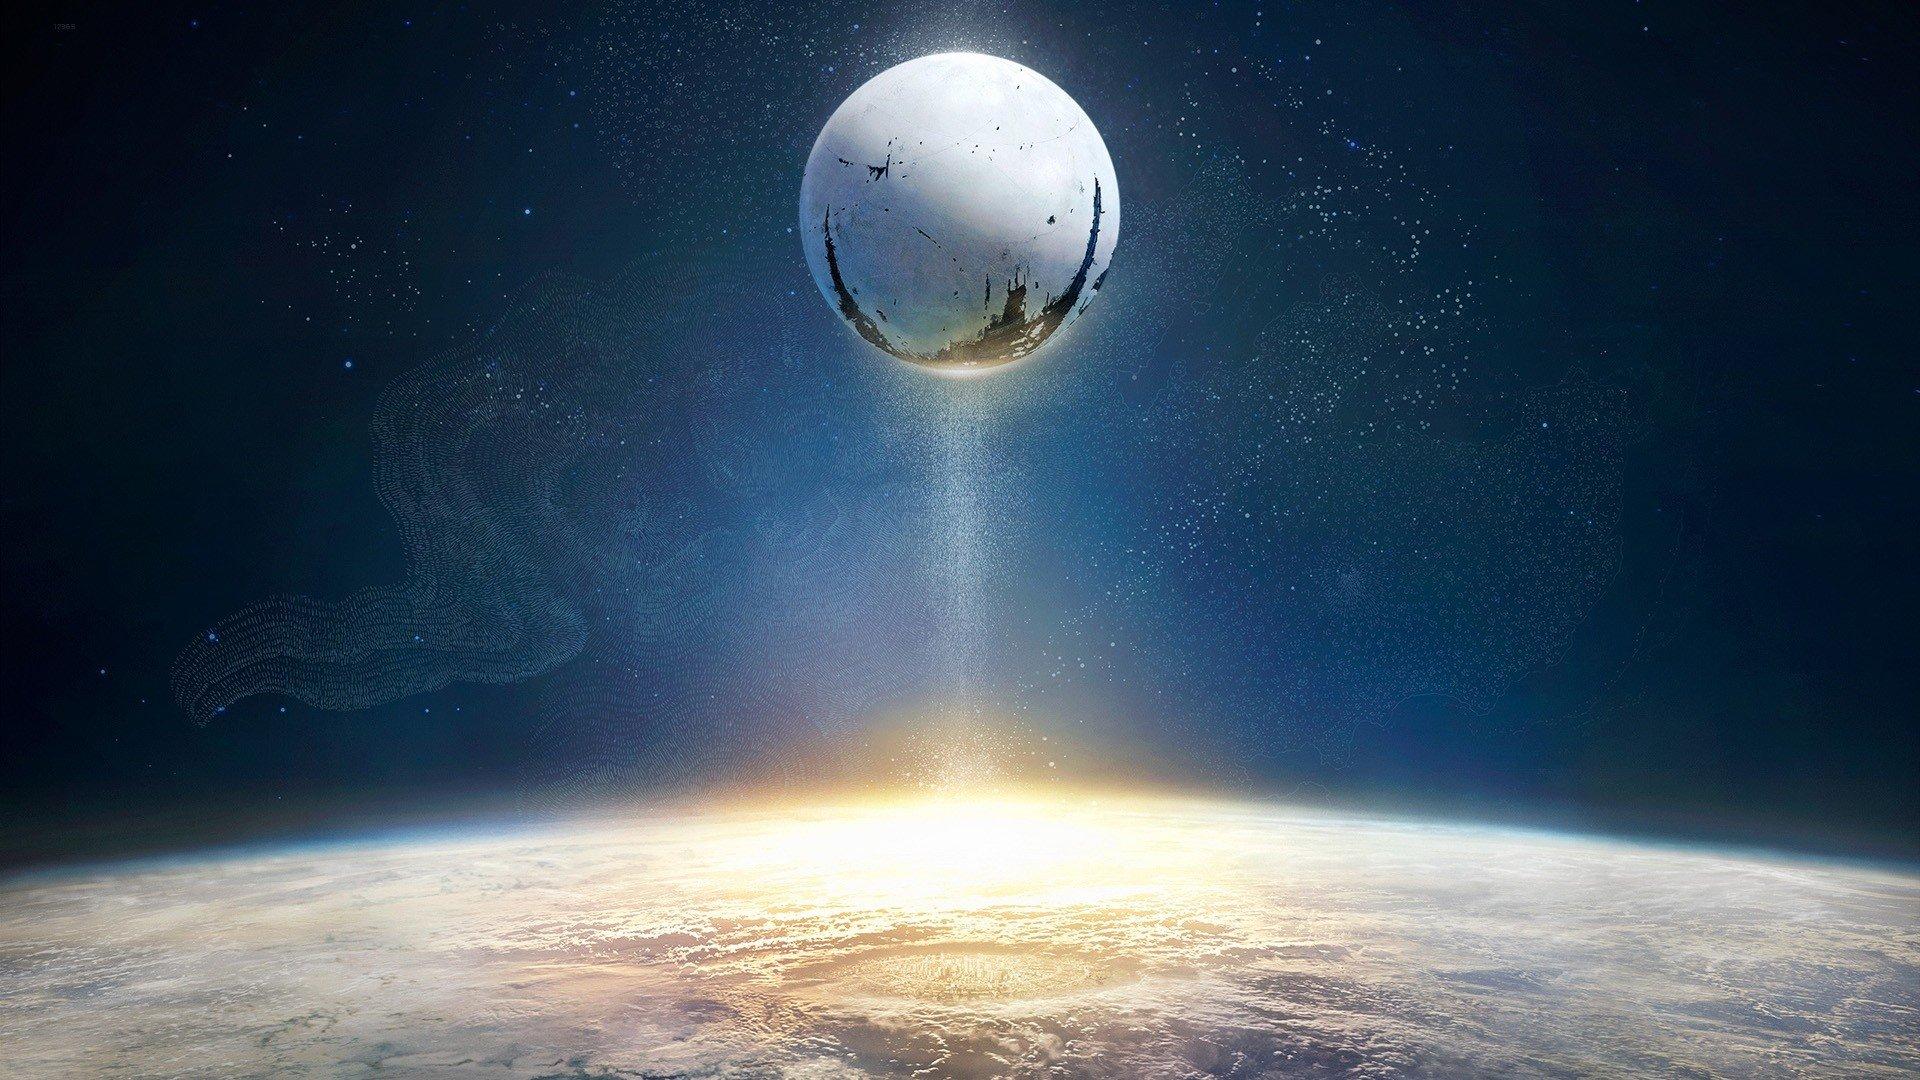 Destiny будет доступна по системе Cross-Buy, но не всегда. - Изображение 1